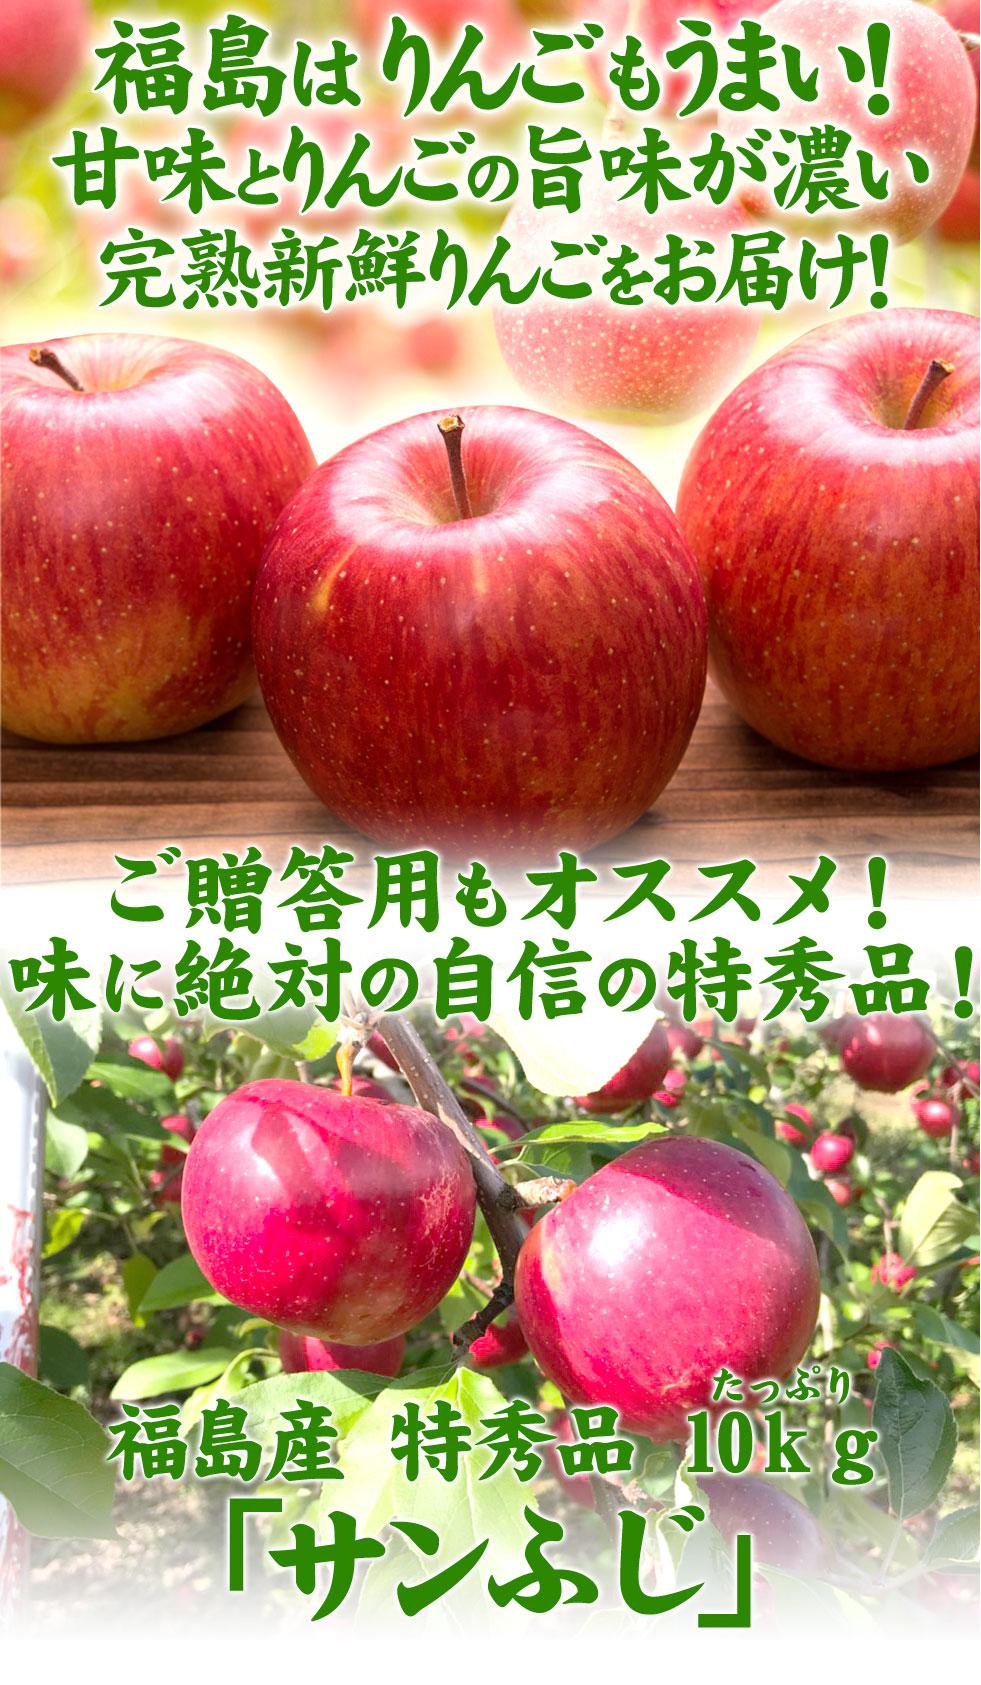 福島産 早生ふじ・サンふじ